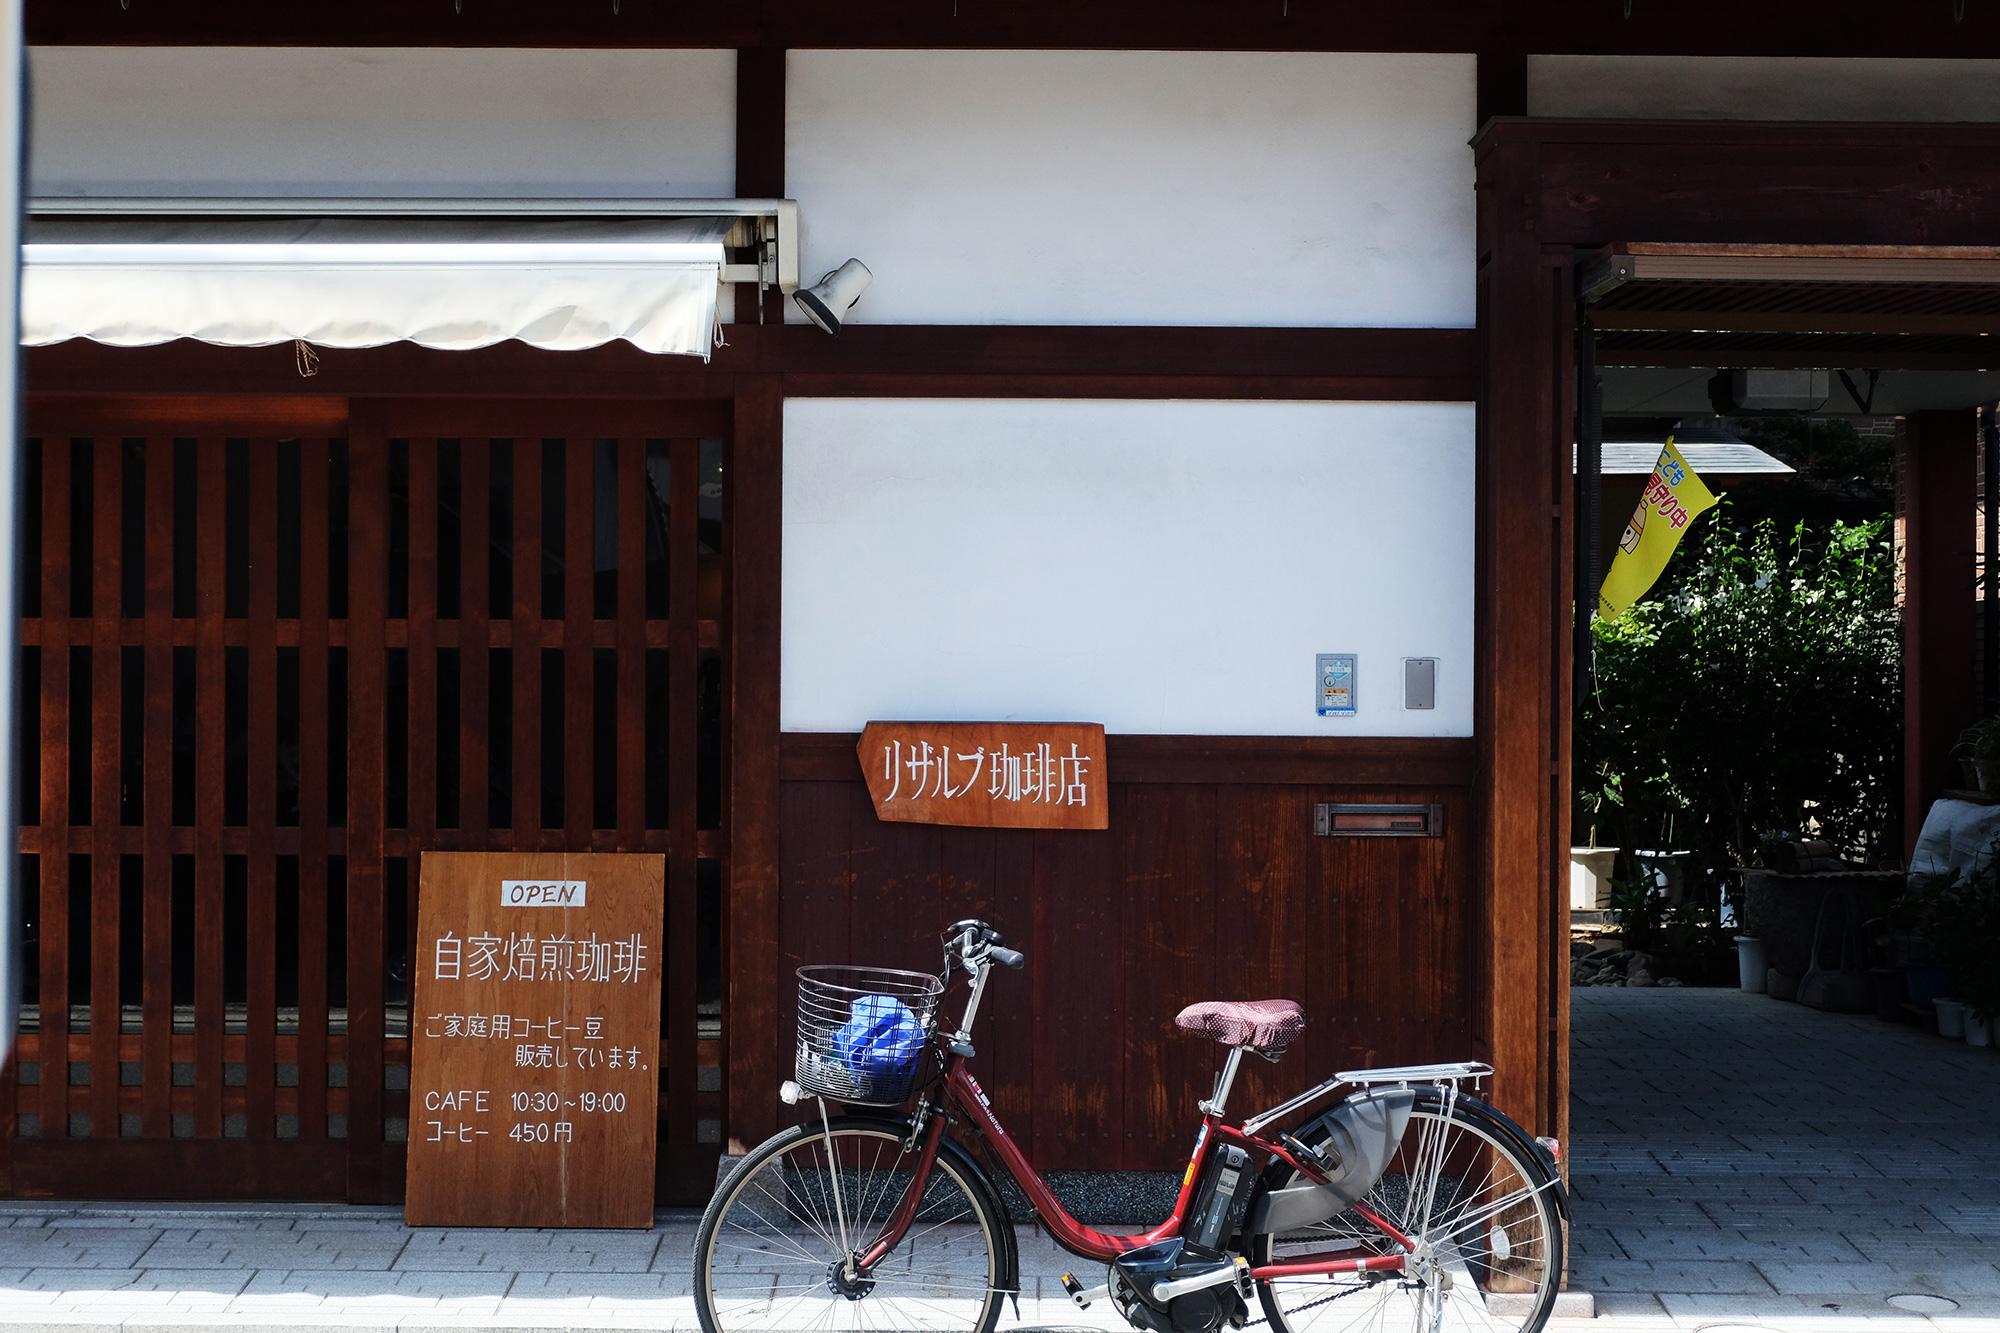 リザルブ珈琲店 大阪・高槻